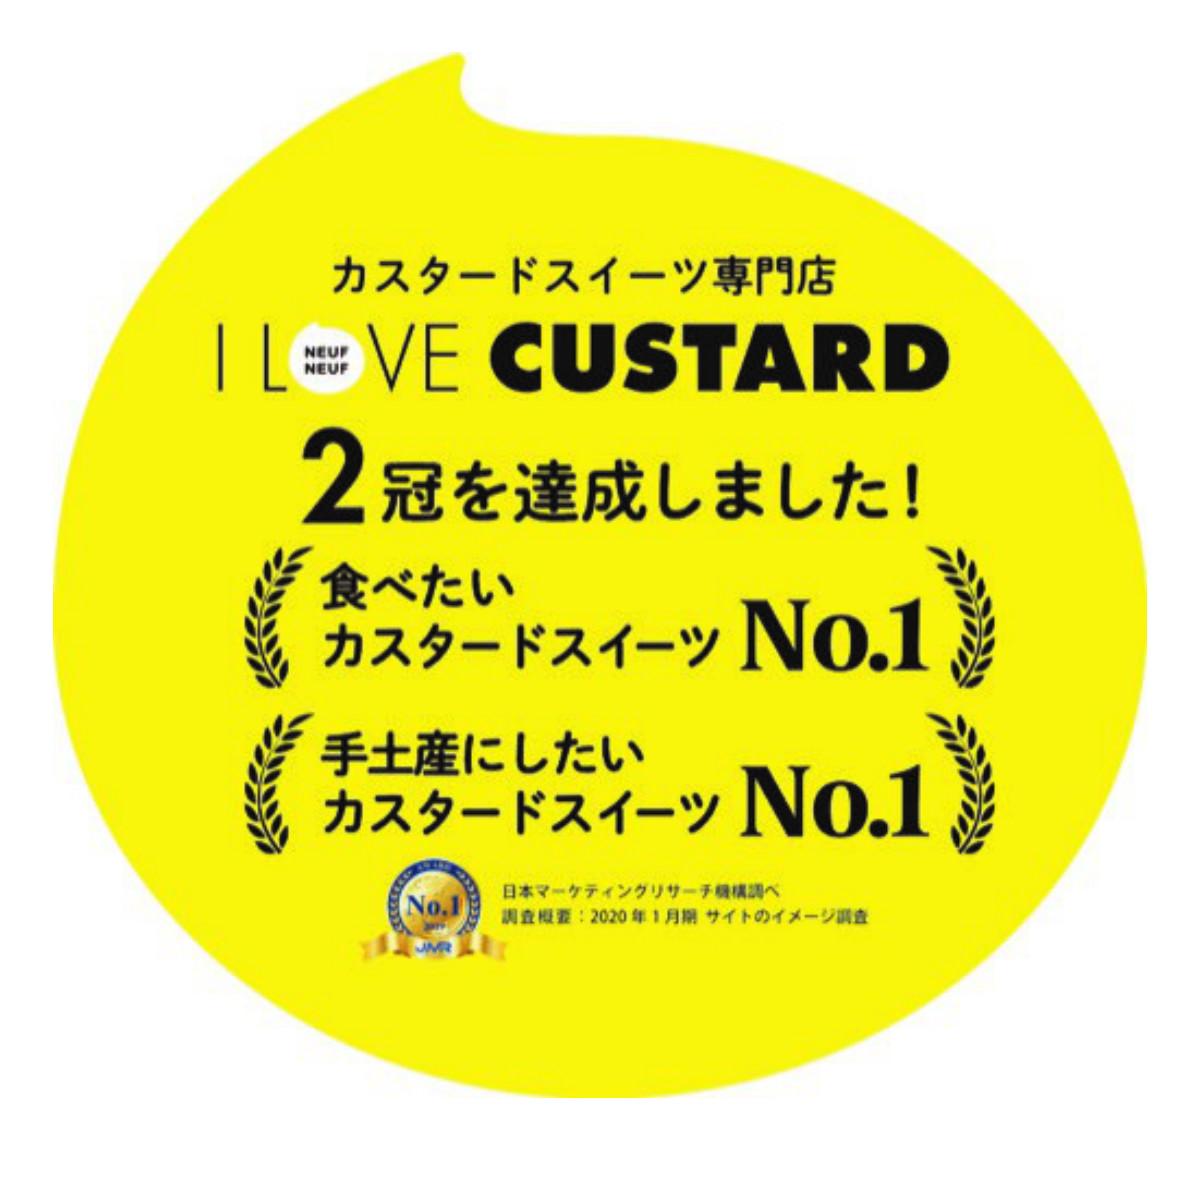 カスタードタルト8個入り(福岡便)